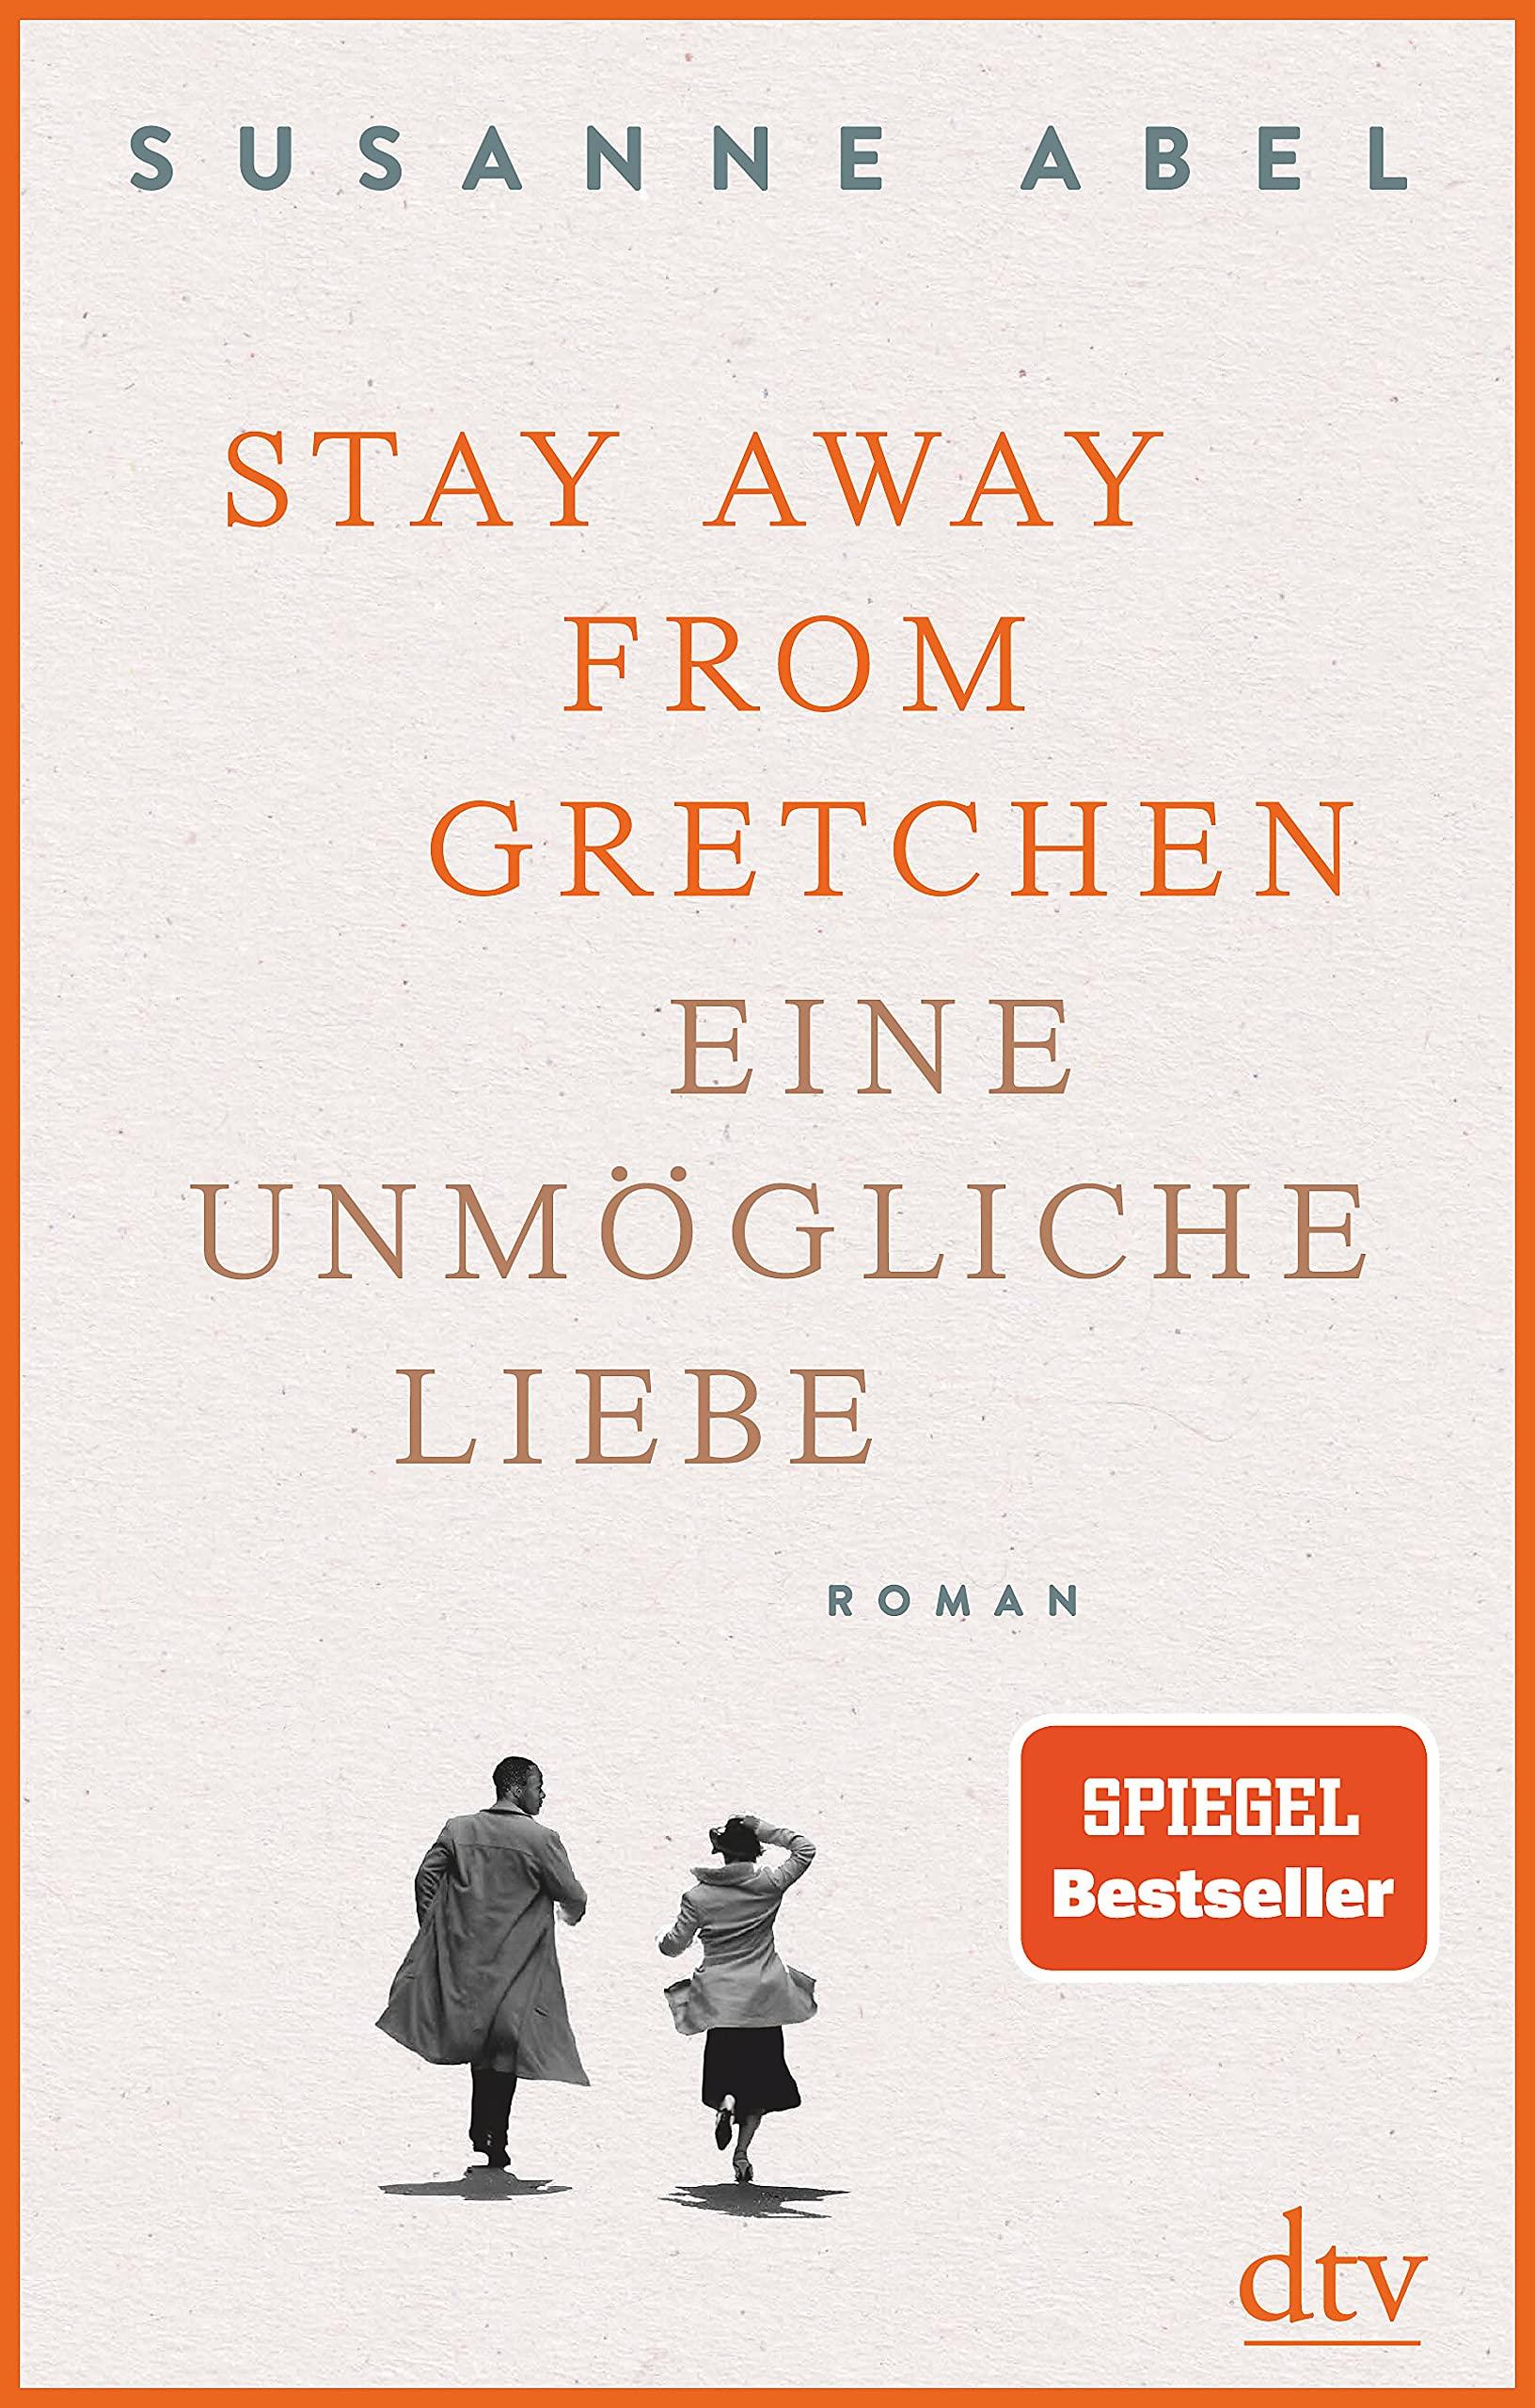 Coverbild von Stay away from Gretchen, von Susanne Abel